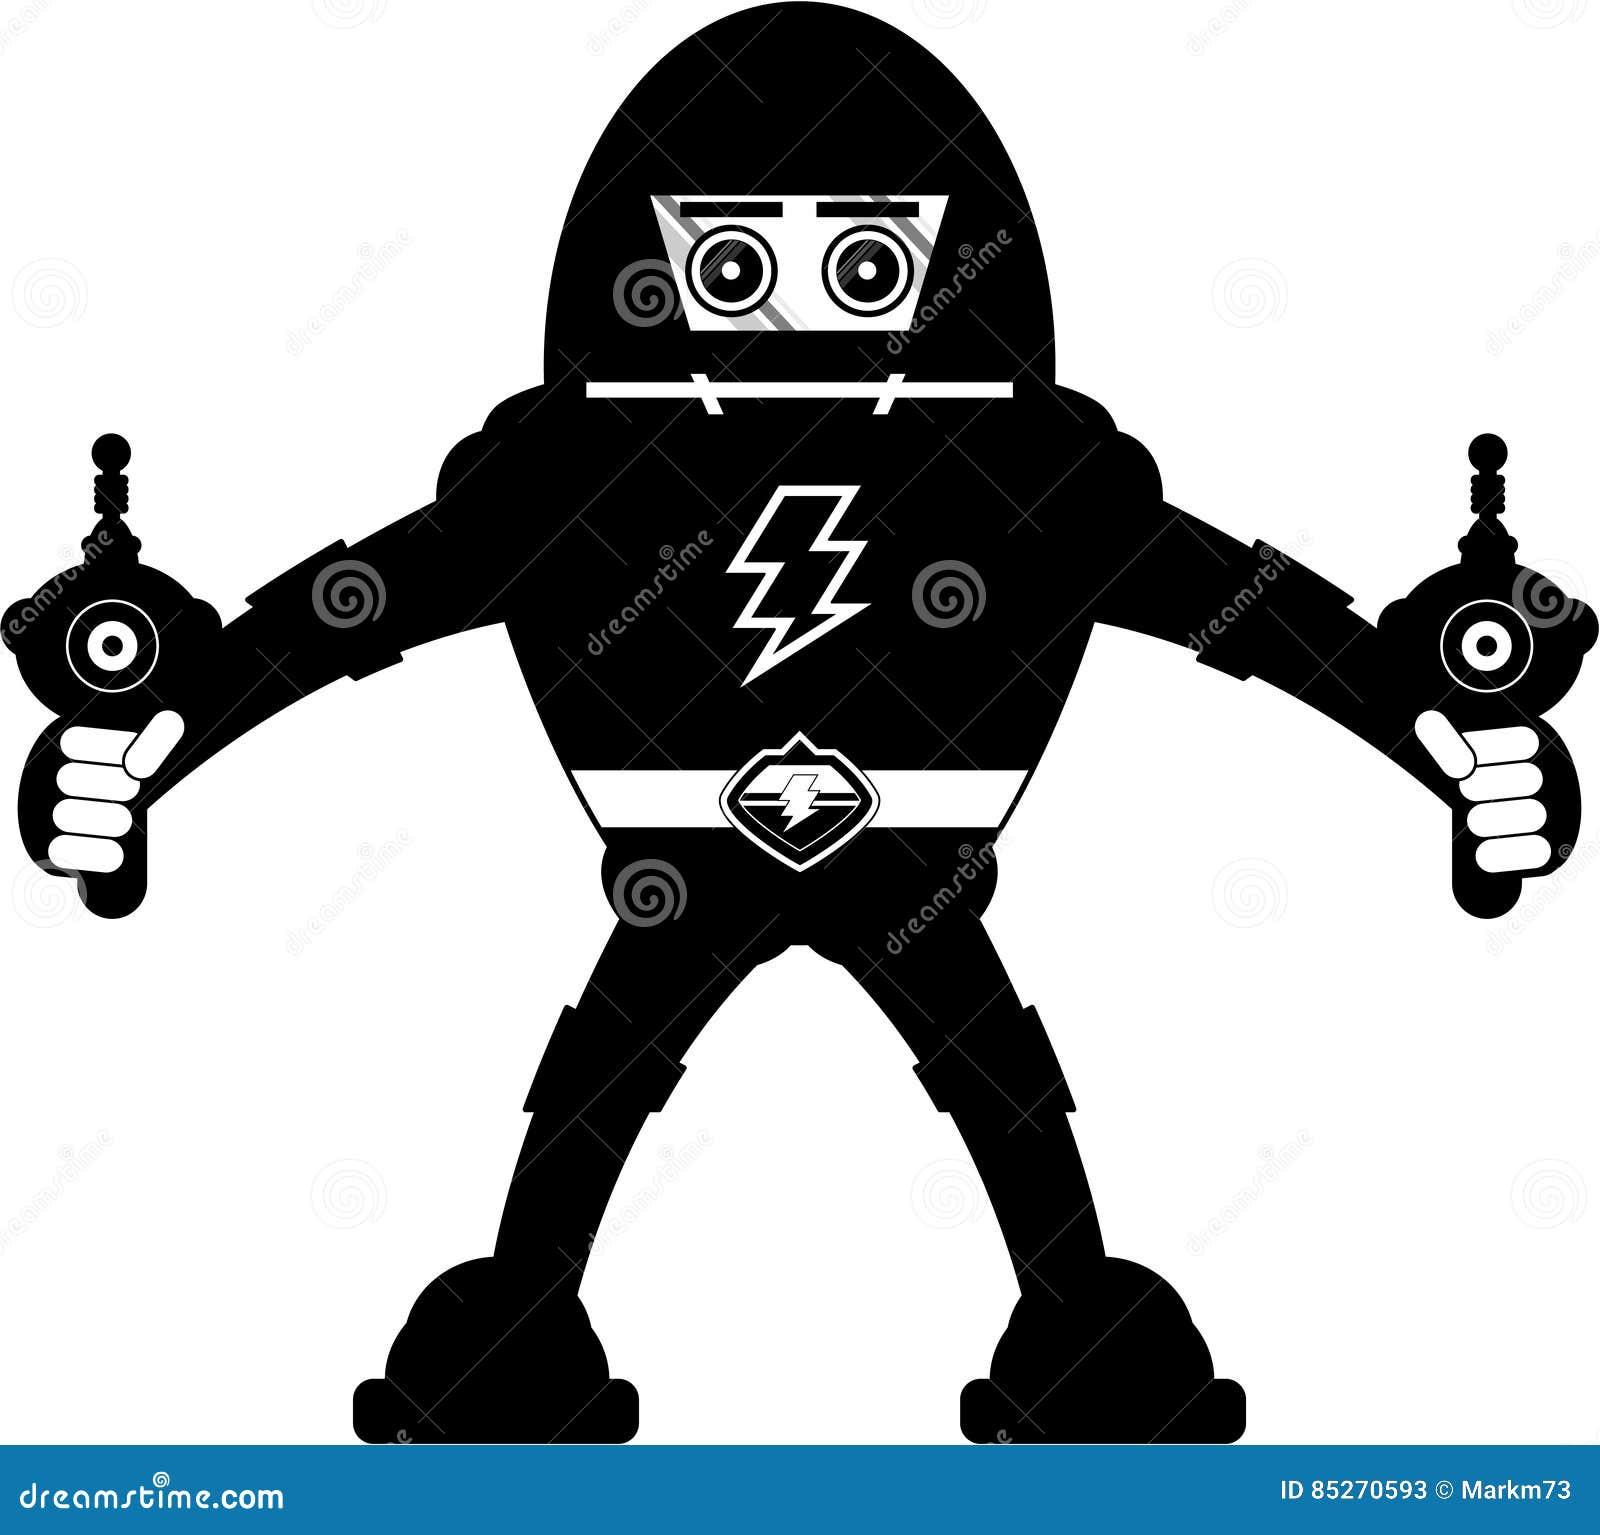 JätteMecha robot